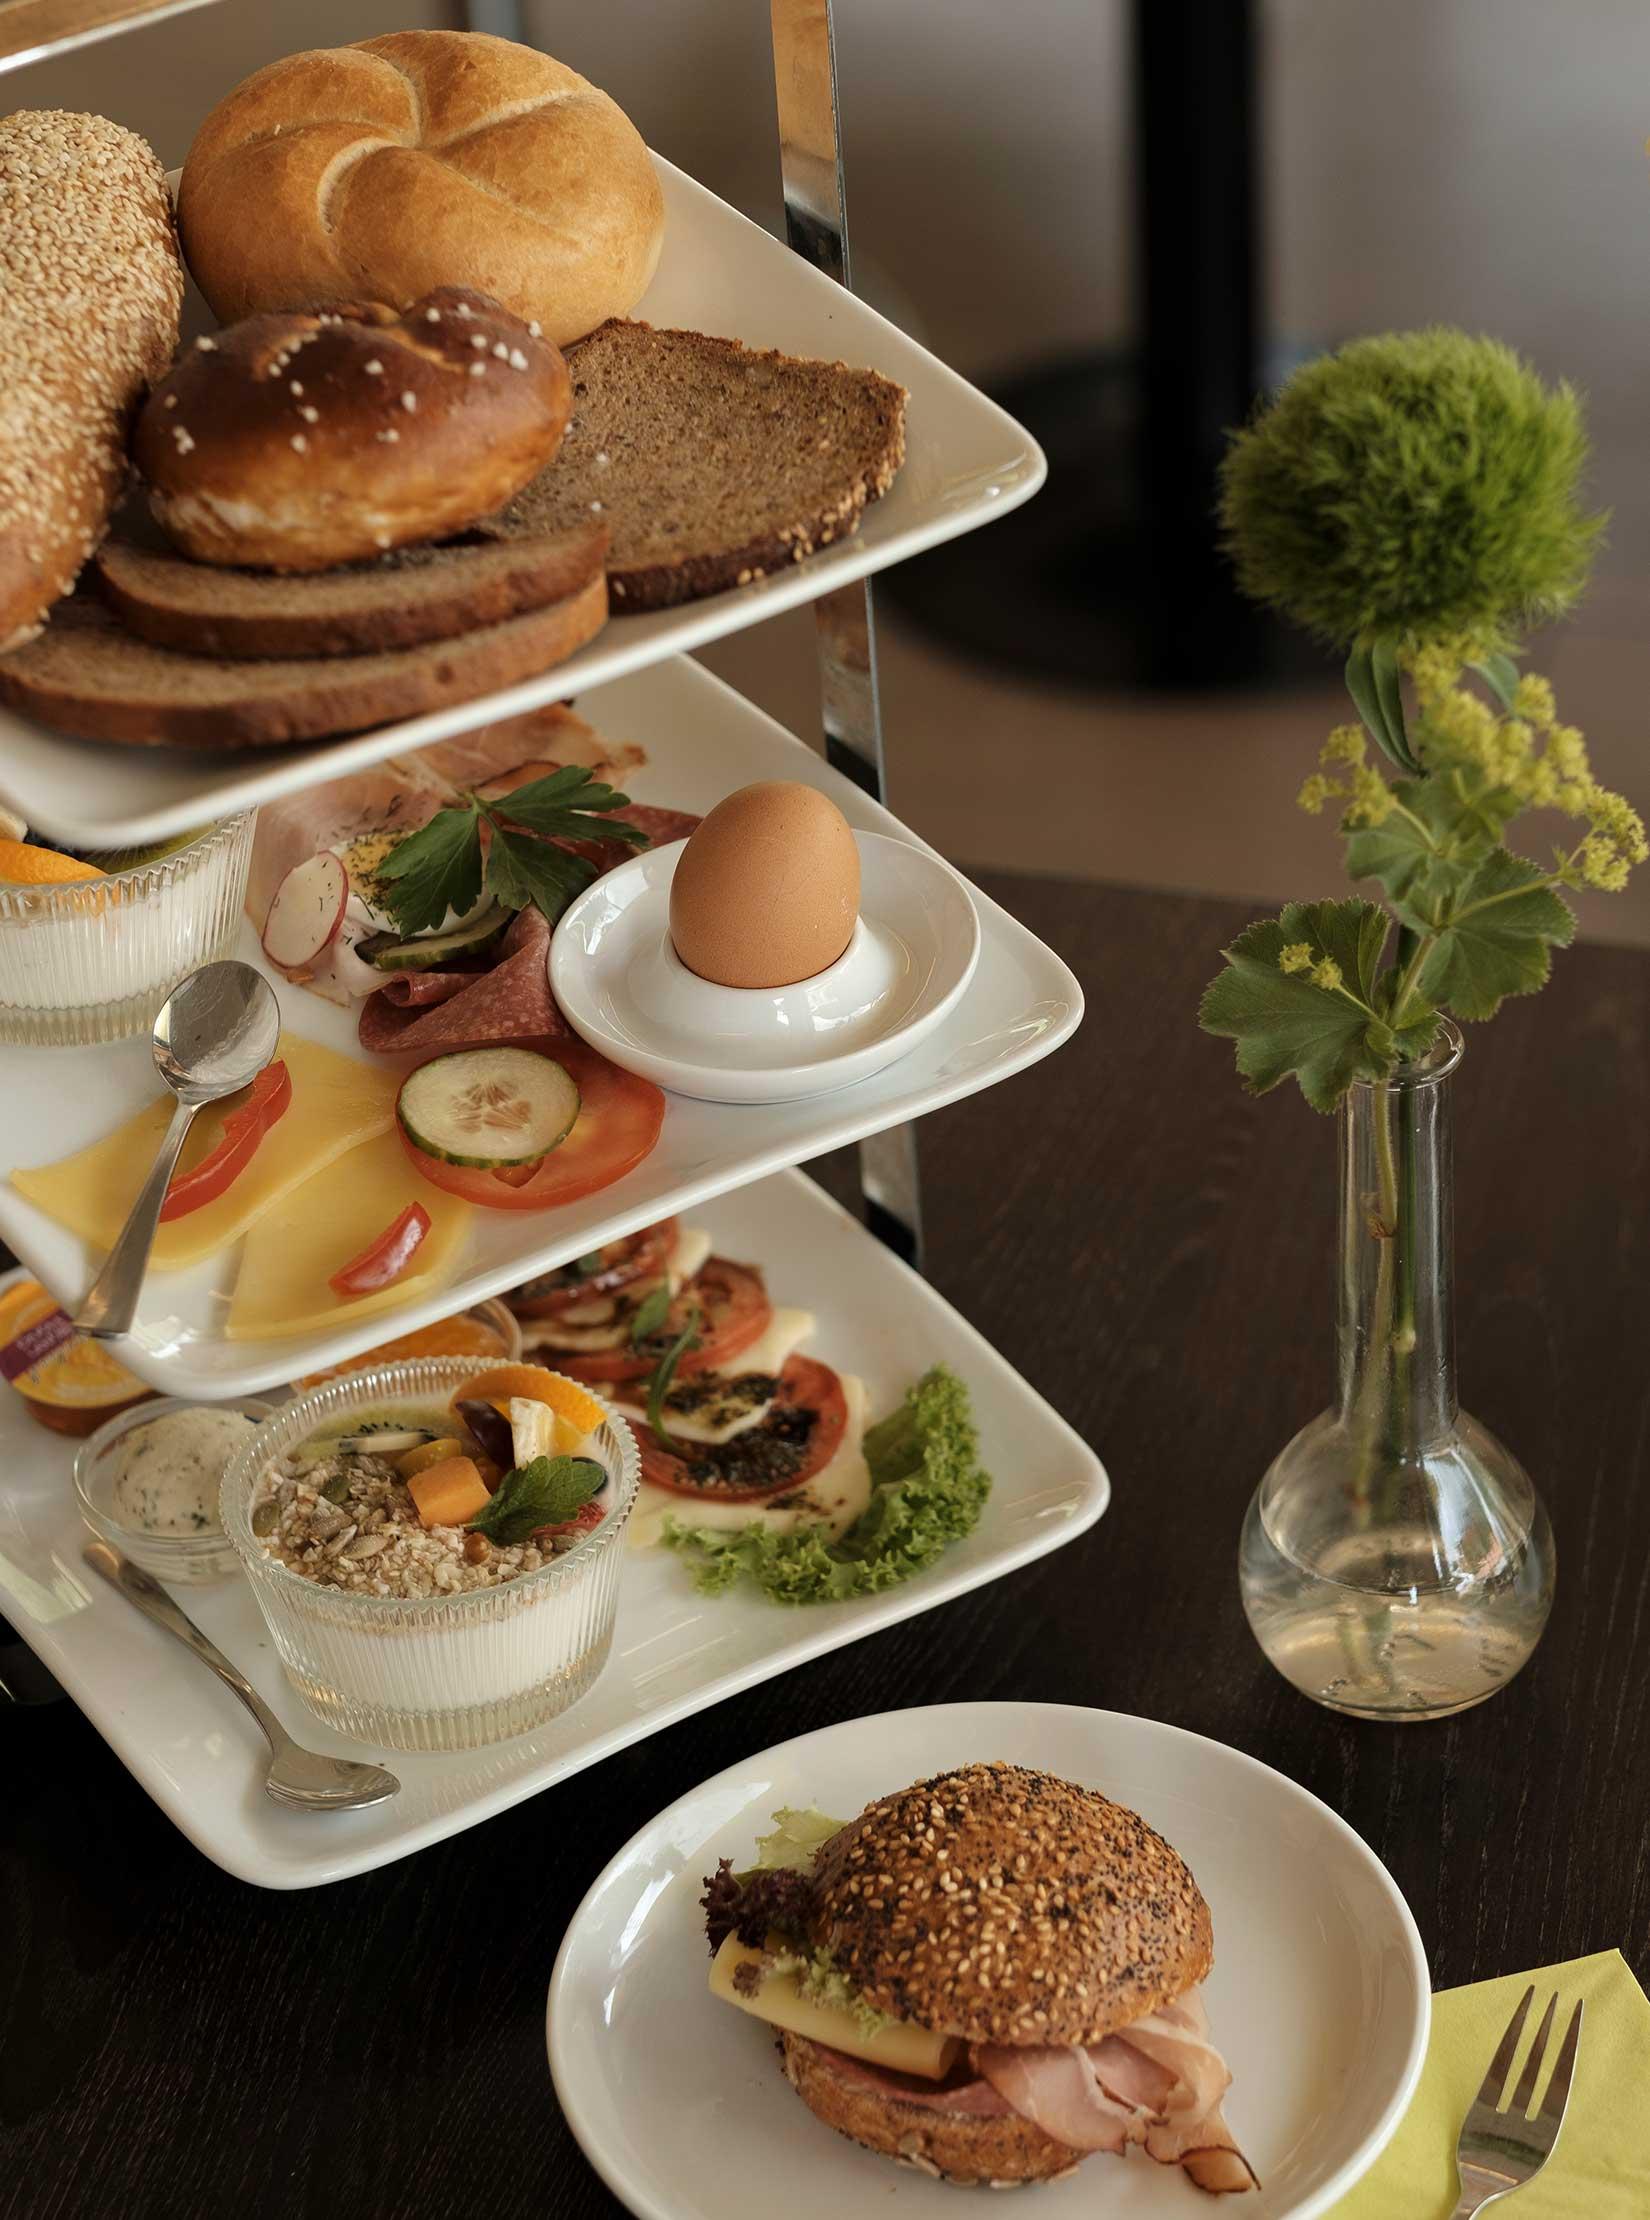 Etagere für ein reichhaltiges Frühstück mit Müsli, Tomaten, Mozzarella, Eier, Schinken, Salami, Semmeln, Laugenbrötchen, Brot